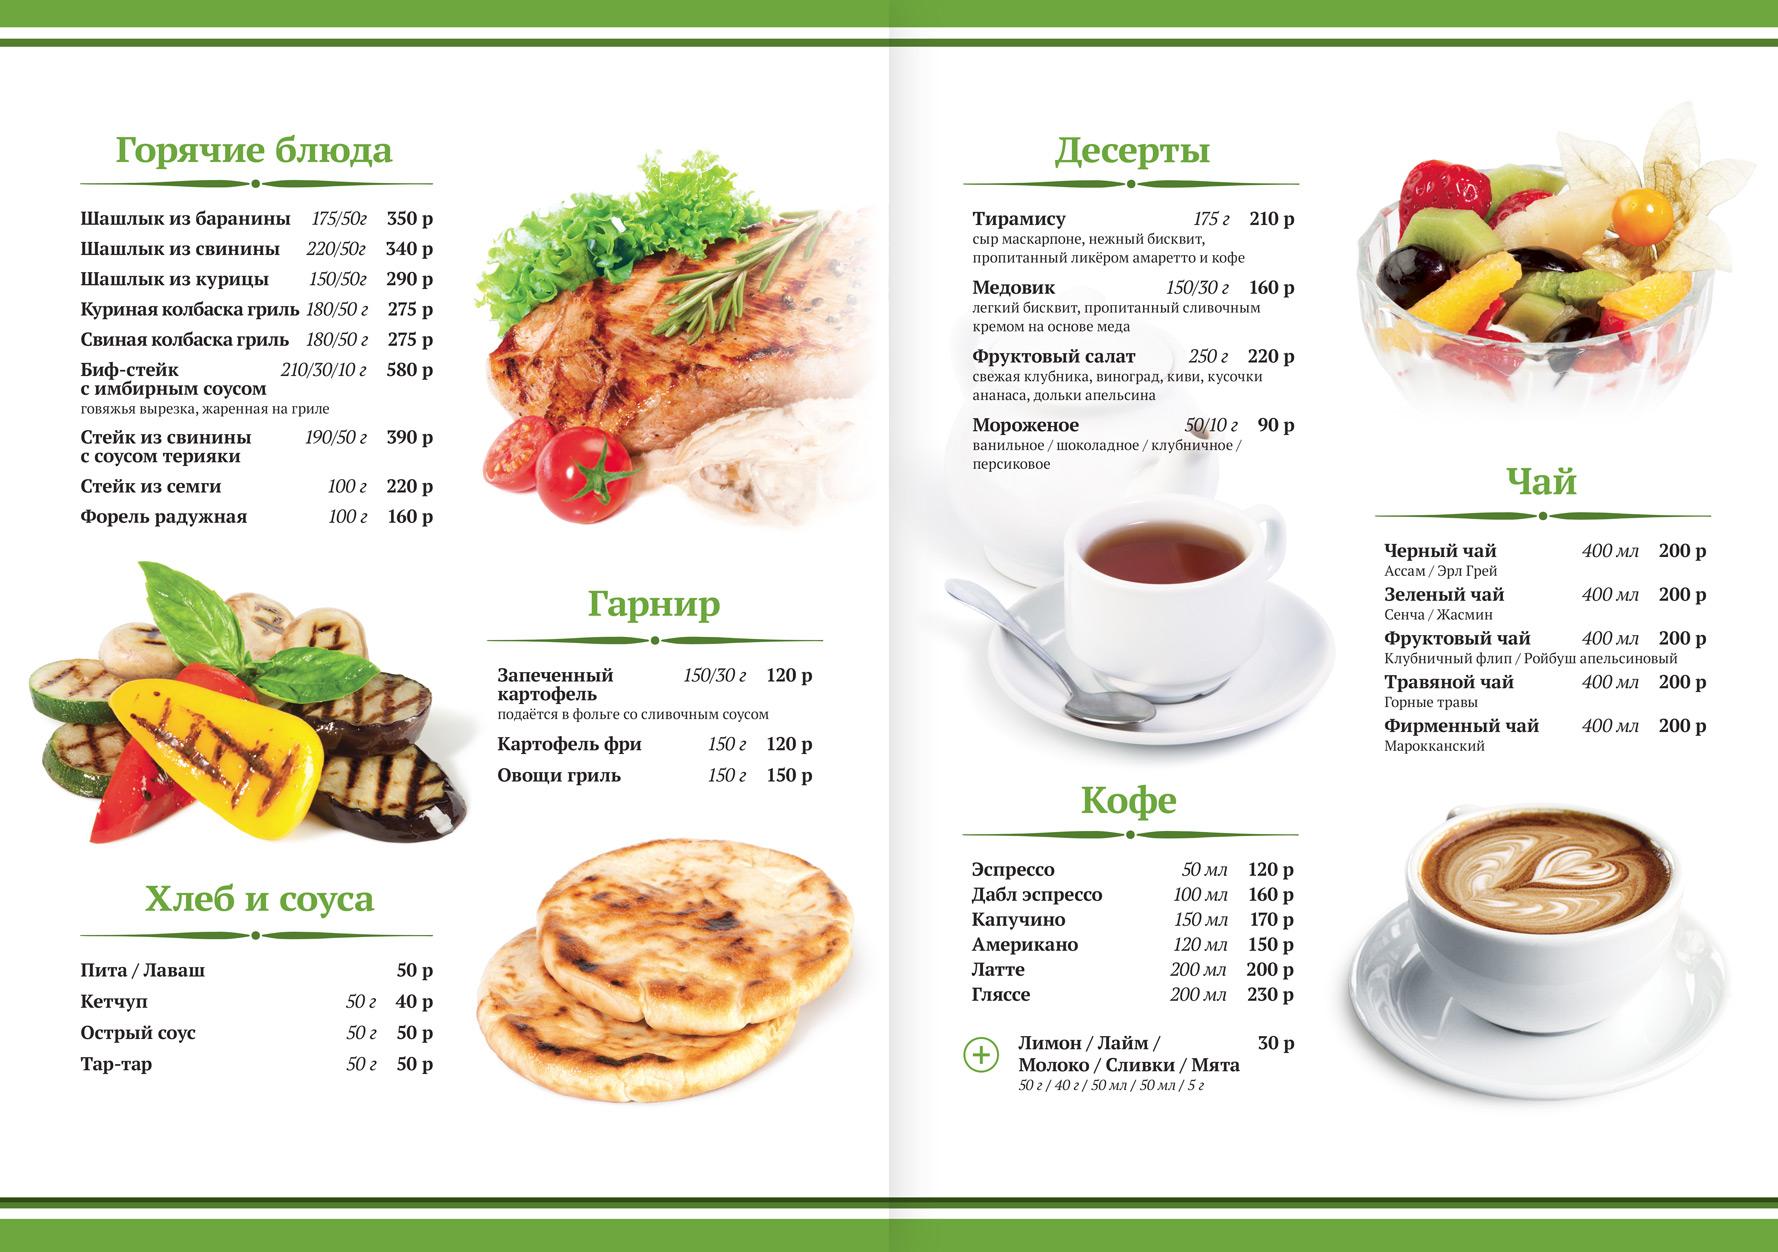 Правильное питание меню ресторана